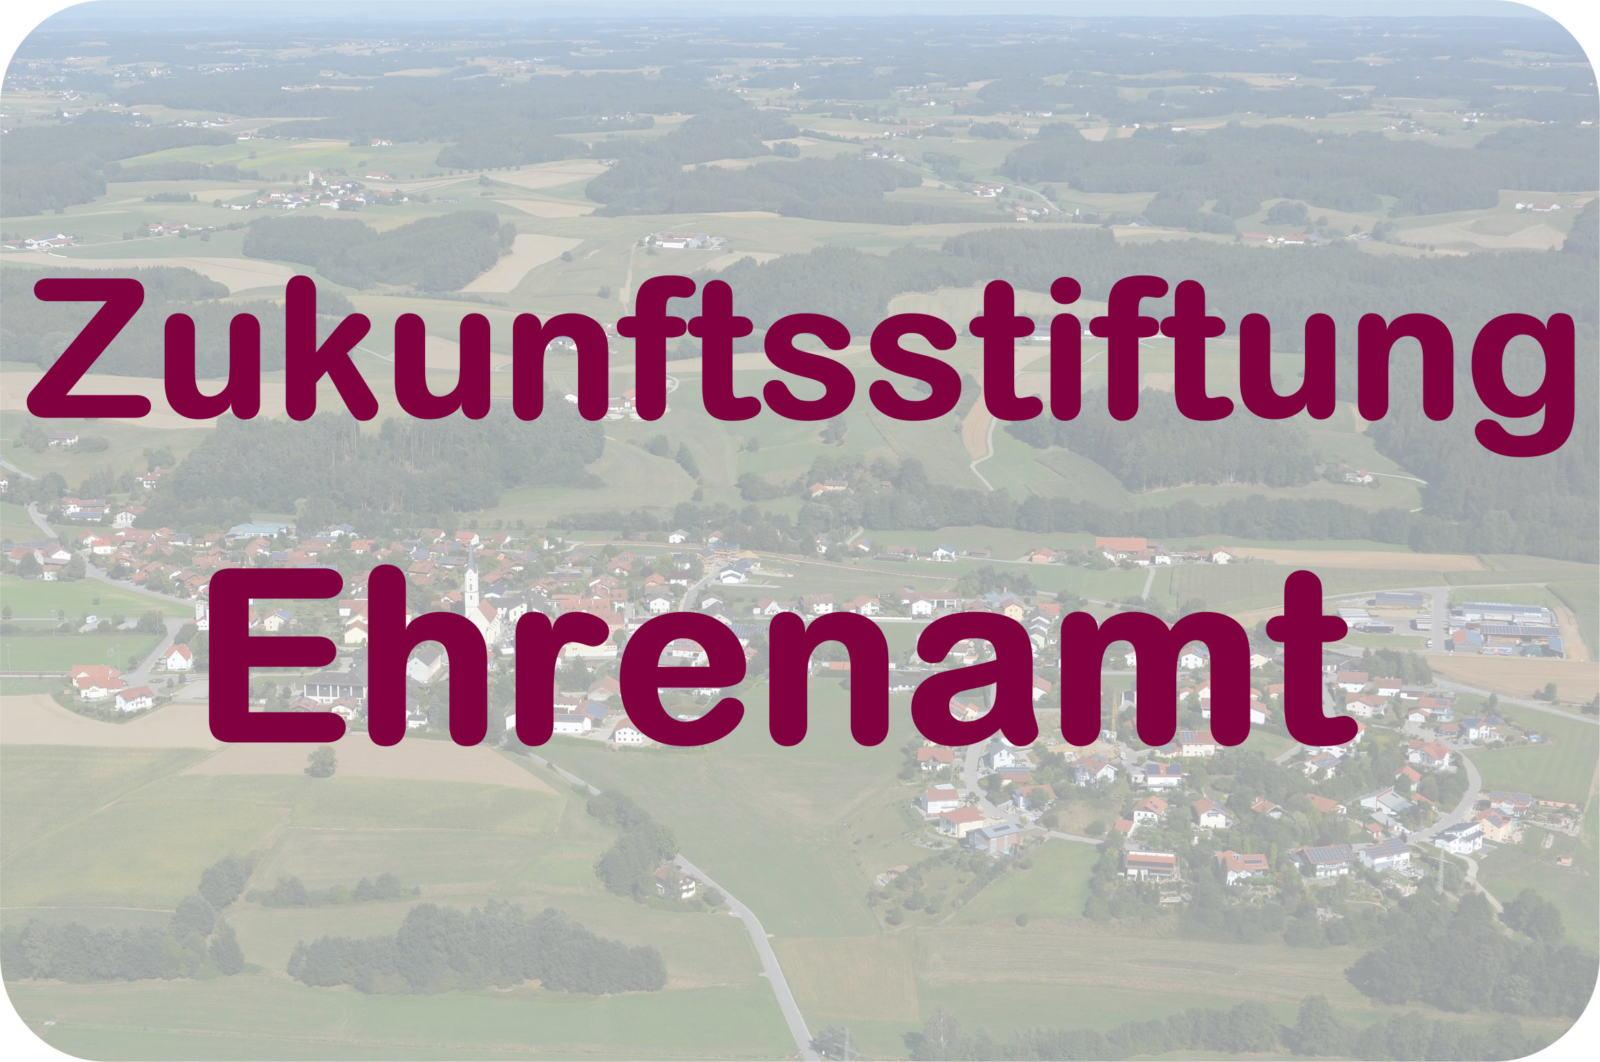 Projektausschreibung Der Zukunftsstiftung Ehrenamt